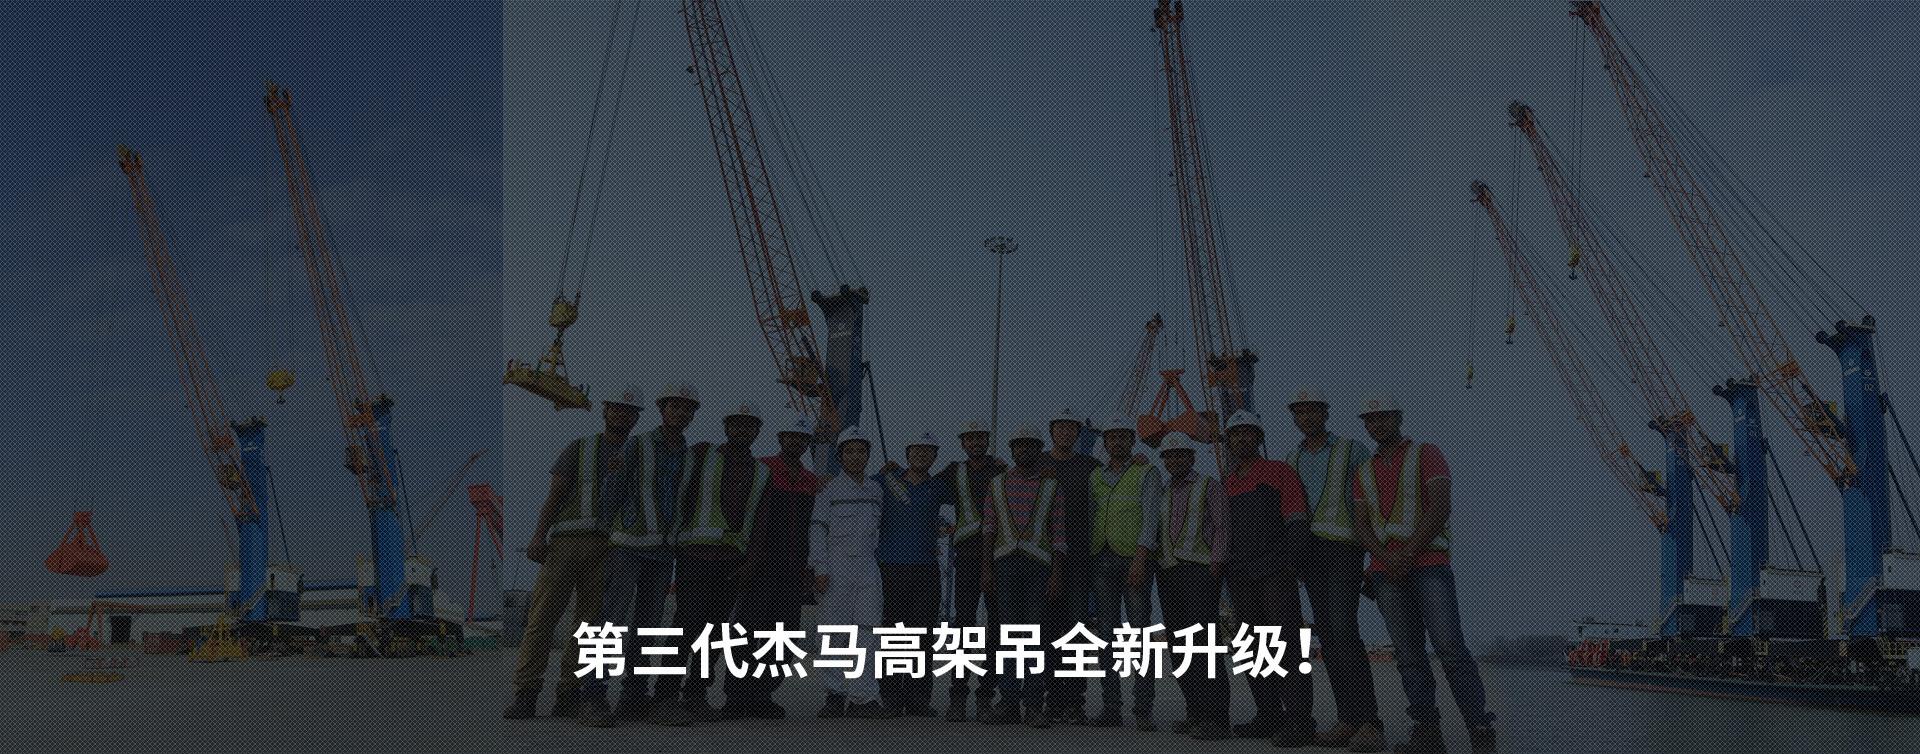 杰马MHC-banner